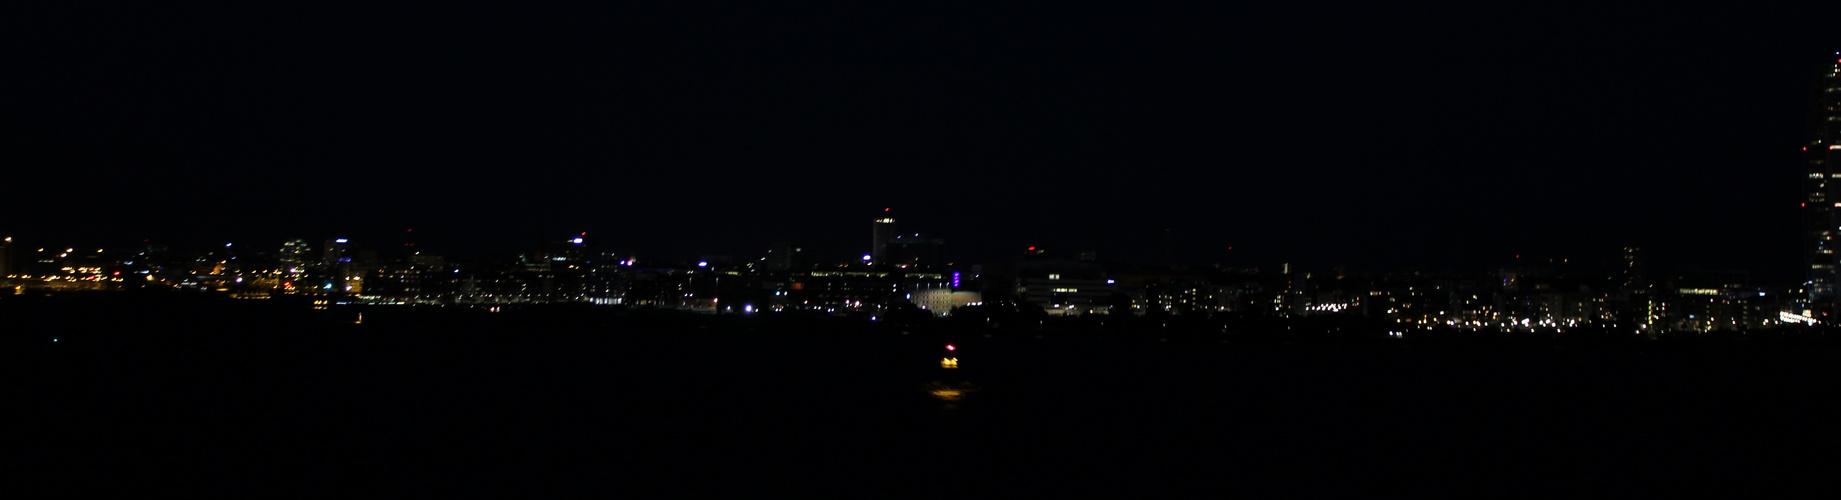 Malmö at night